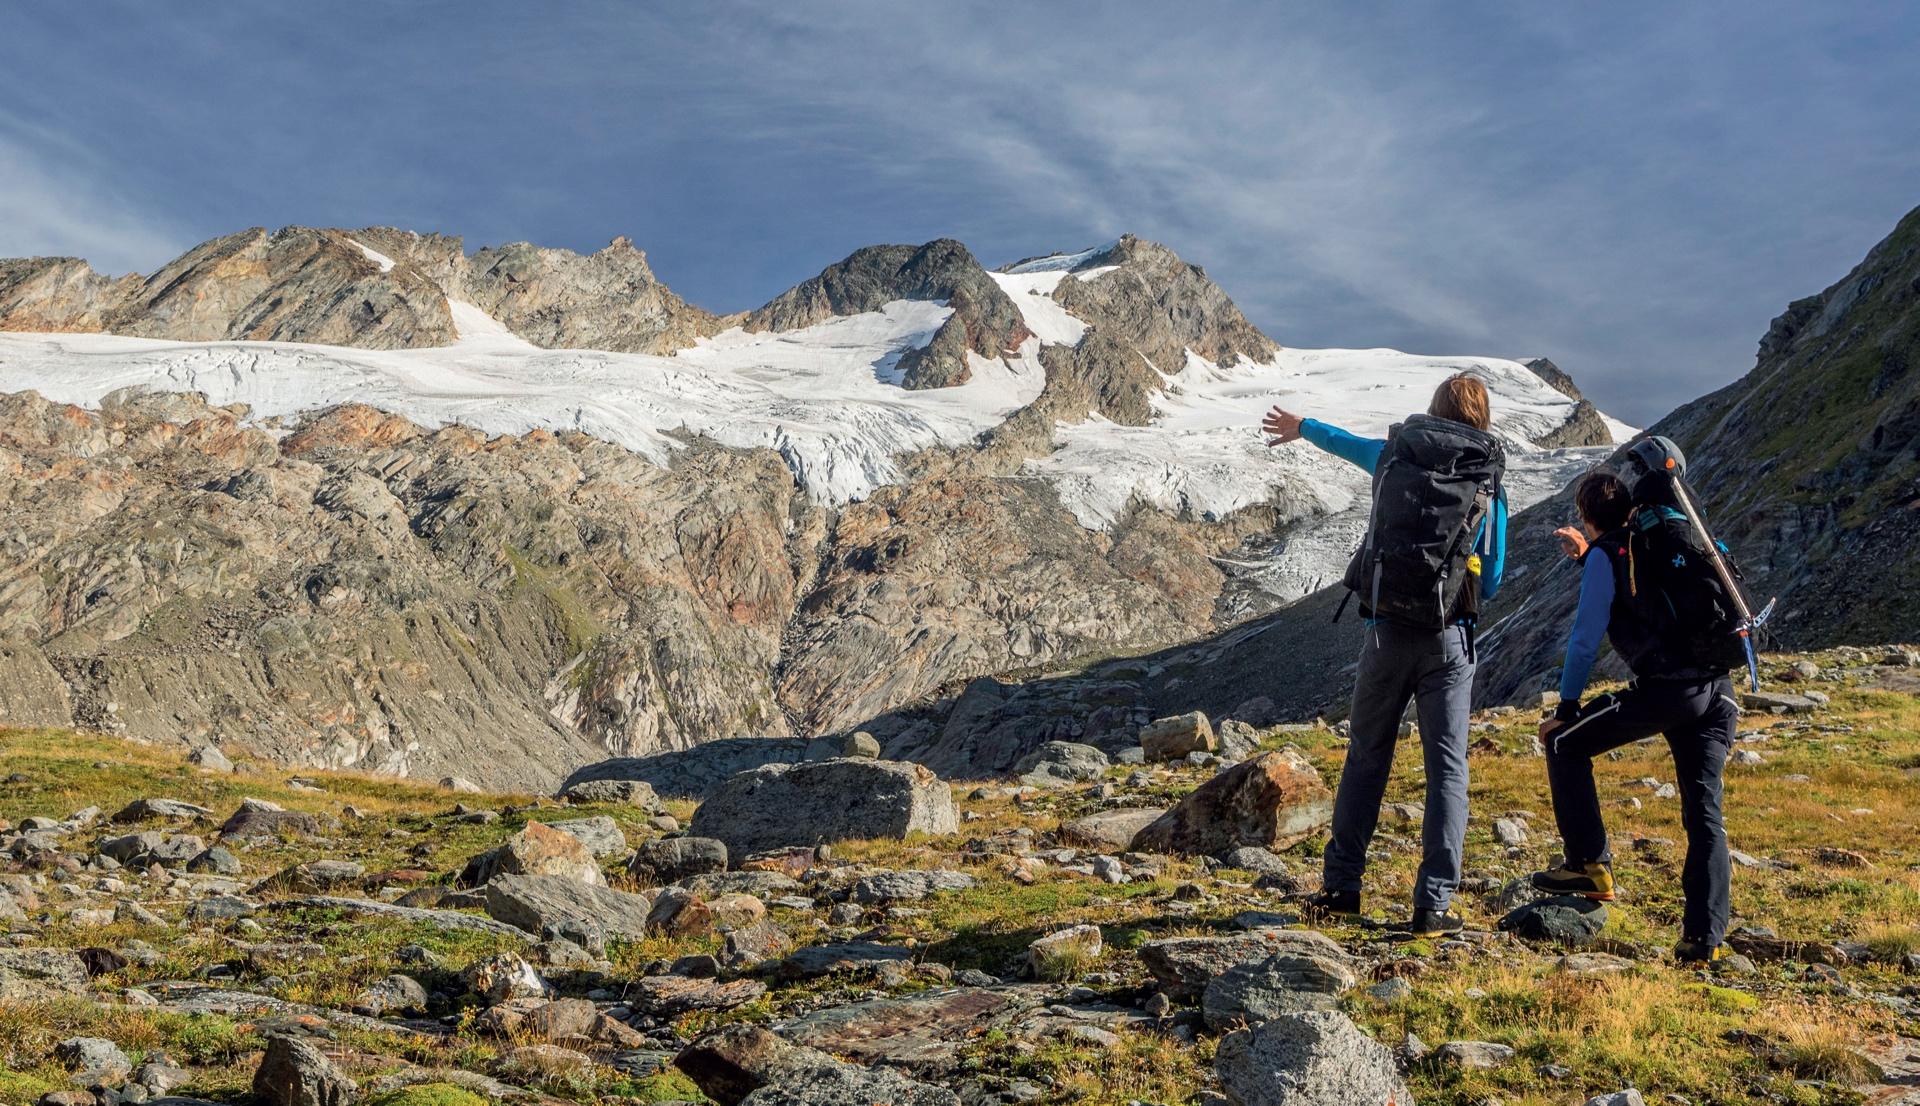 Die Wiege der wilden Isel: das Gletscherbecken des Umbalkees © Daniel Egger